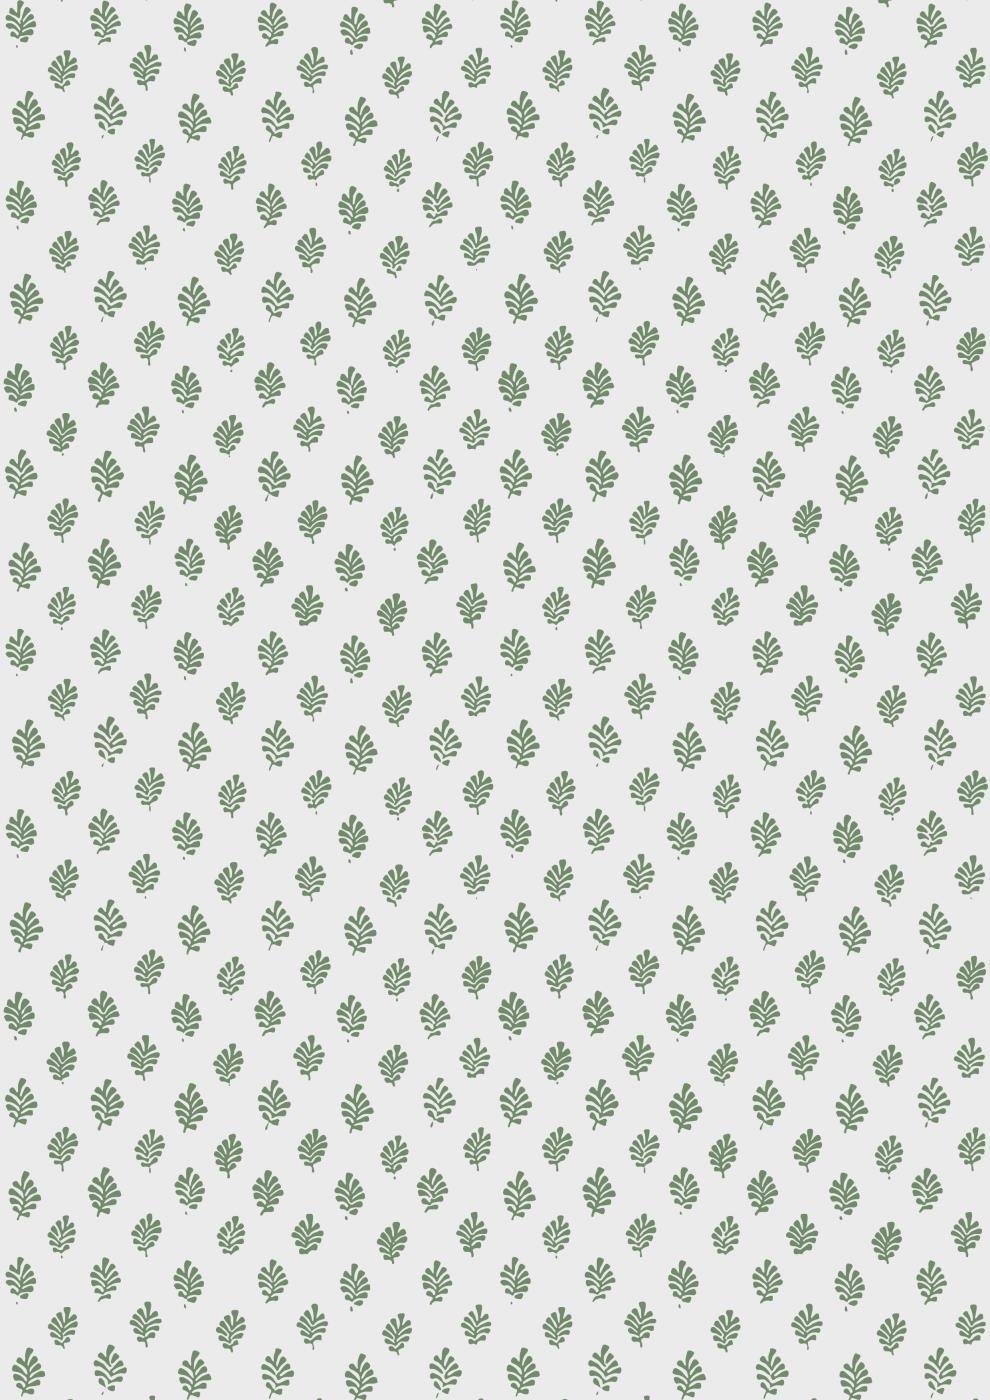 IB LAURSEN Dárkový balící papír Green Leaves 10 m, zelená barva, bílá barva, papír